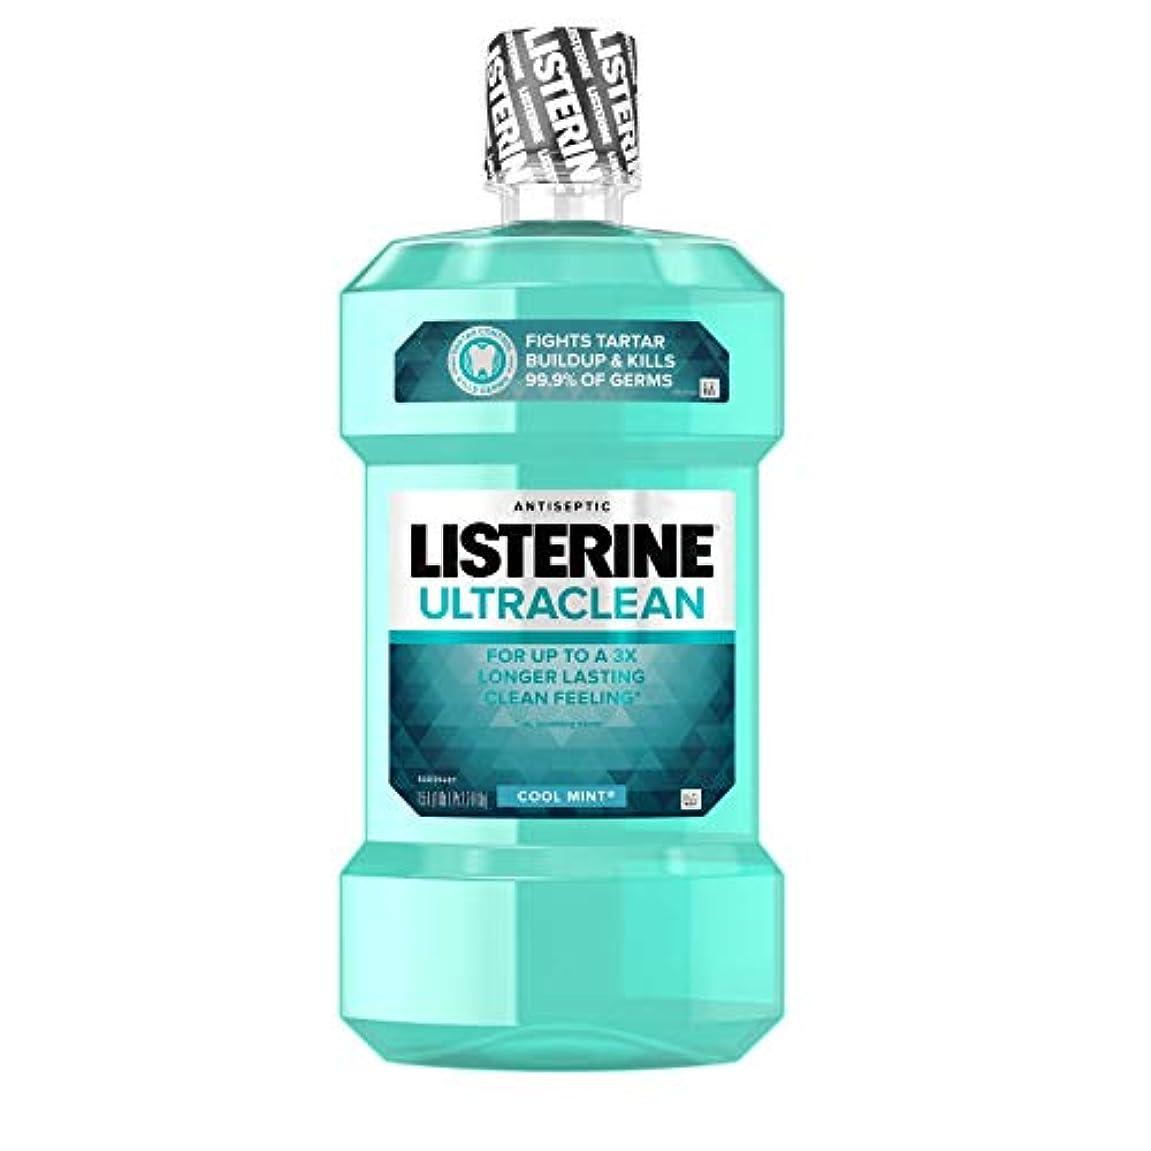 迷彩ジャンプする科学者Listerine ウルトラクリーンEverfresh技術とオーラルケア消毒うがい薬1.5 L、ミントクール、口臭、歯肉炎、歯垢および歯石を戦うのを助けるために、6パック